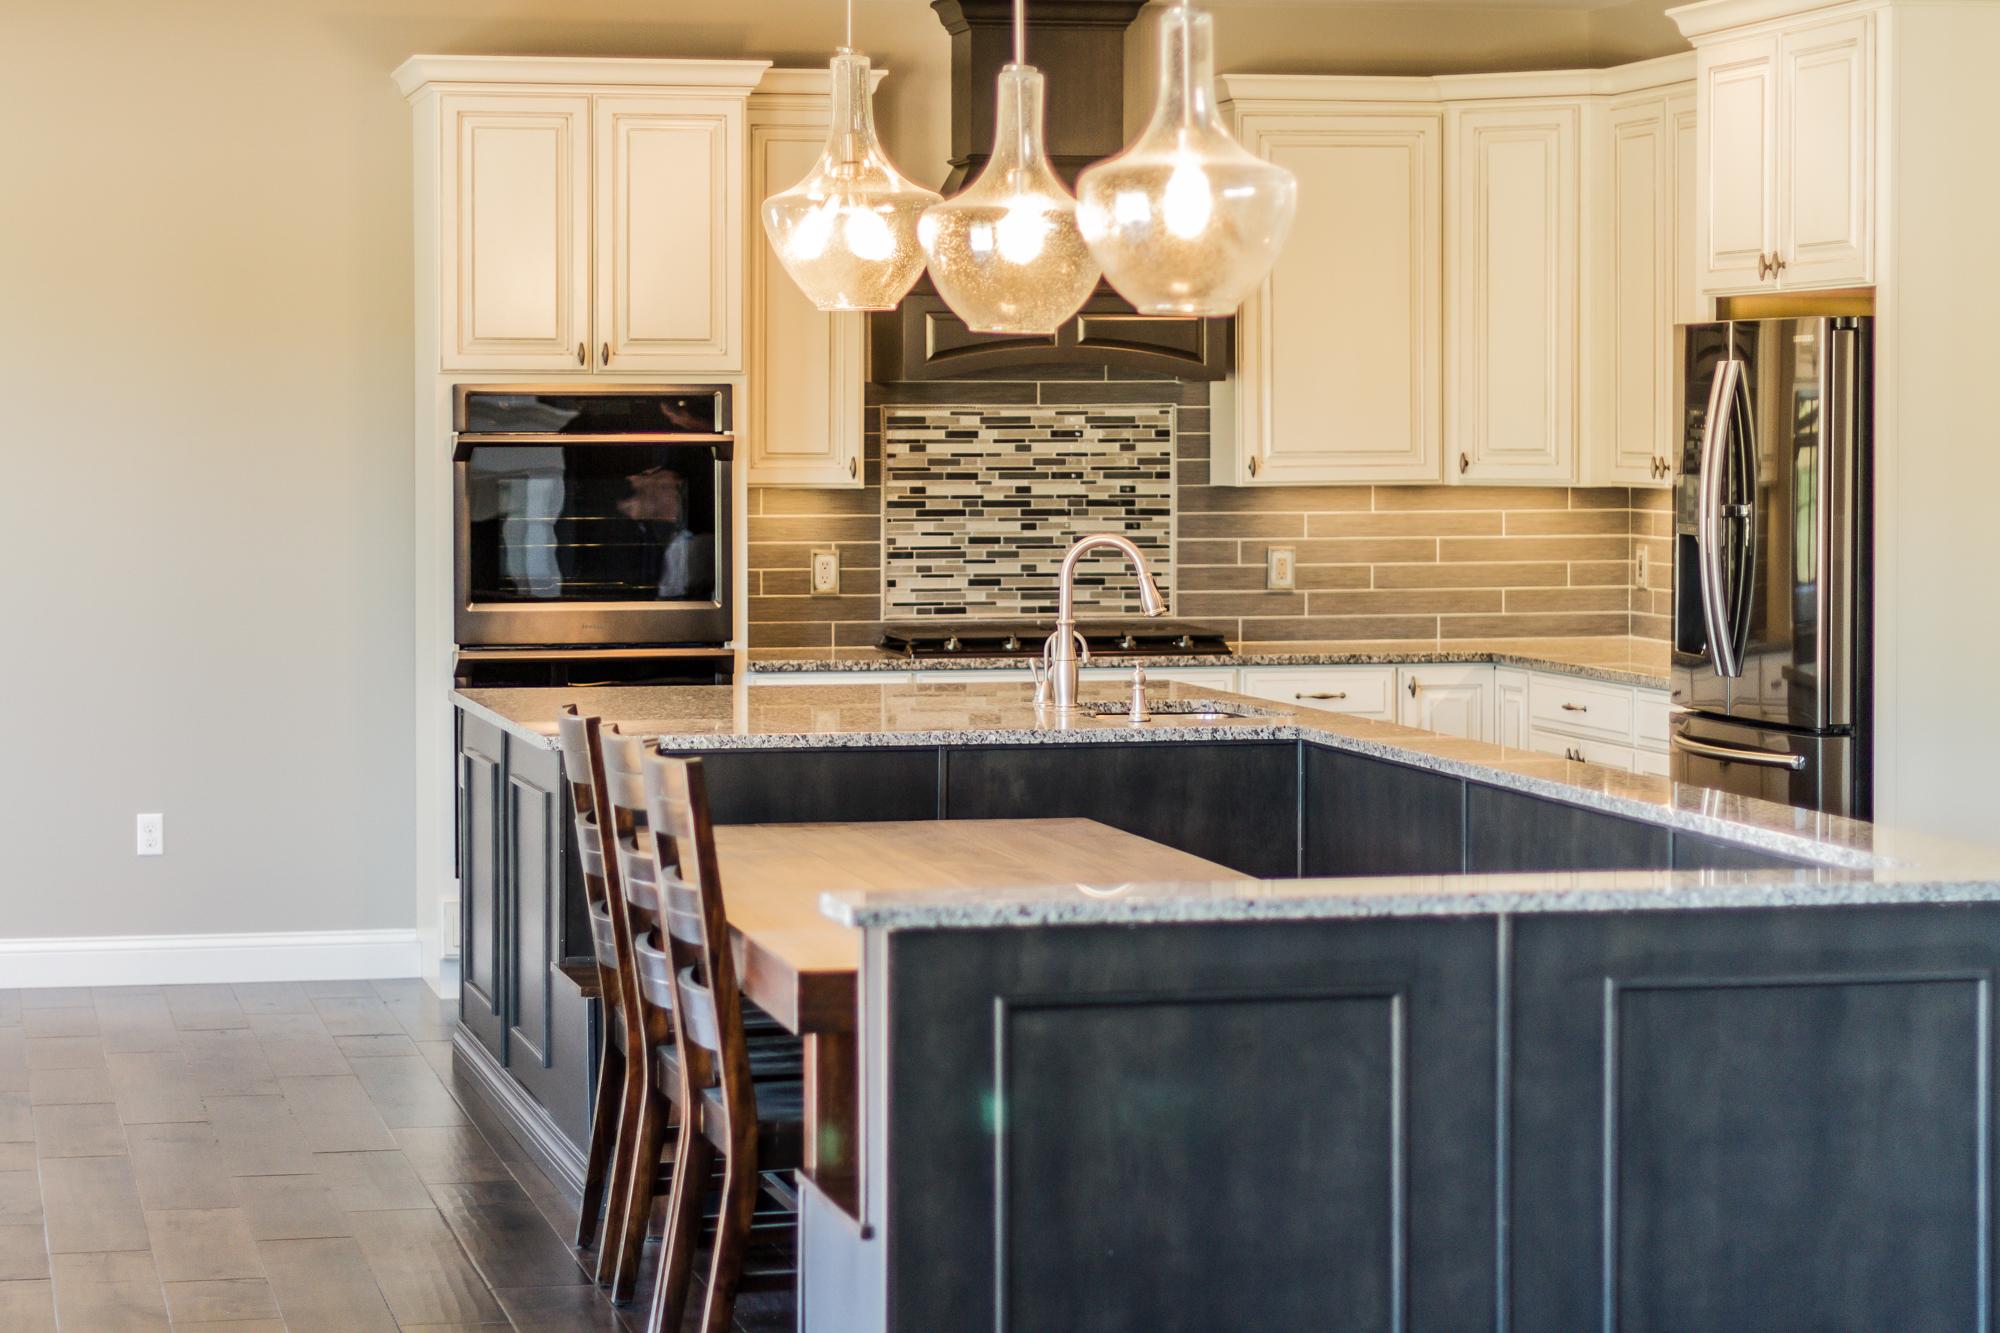 New-Construction-For-Sale-O'Fallon-Illinois-CR-Holland-0-56.jpg